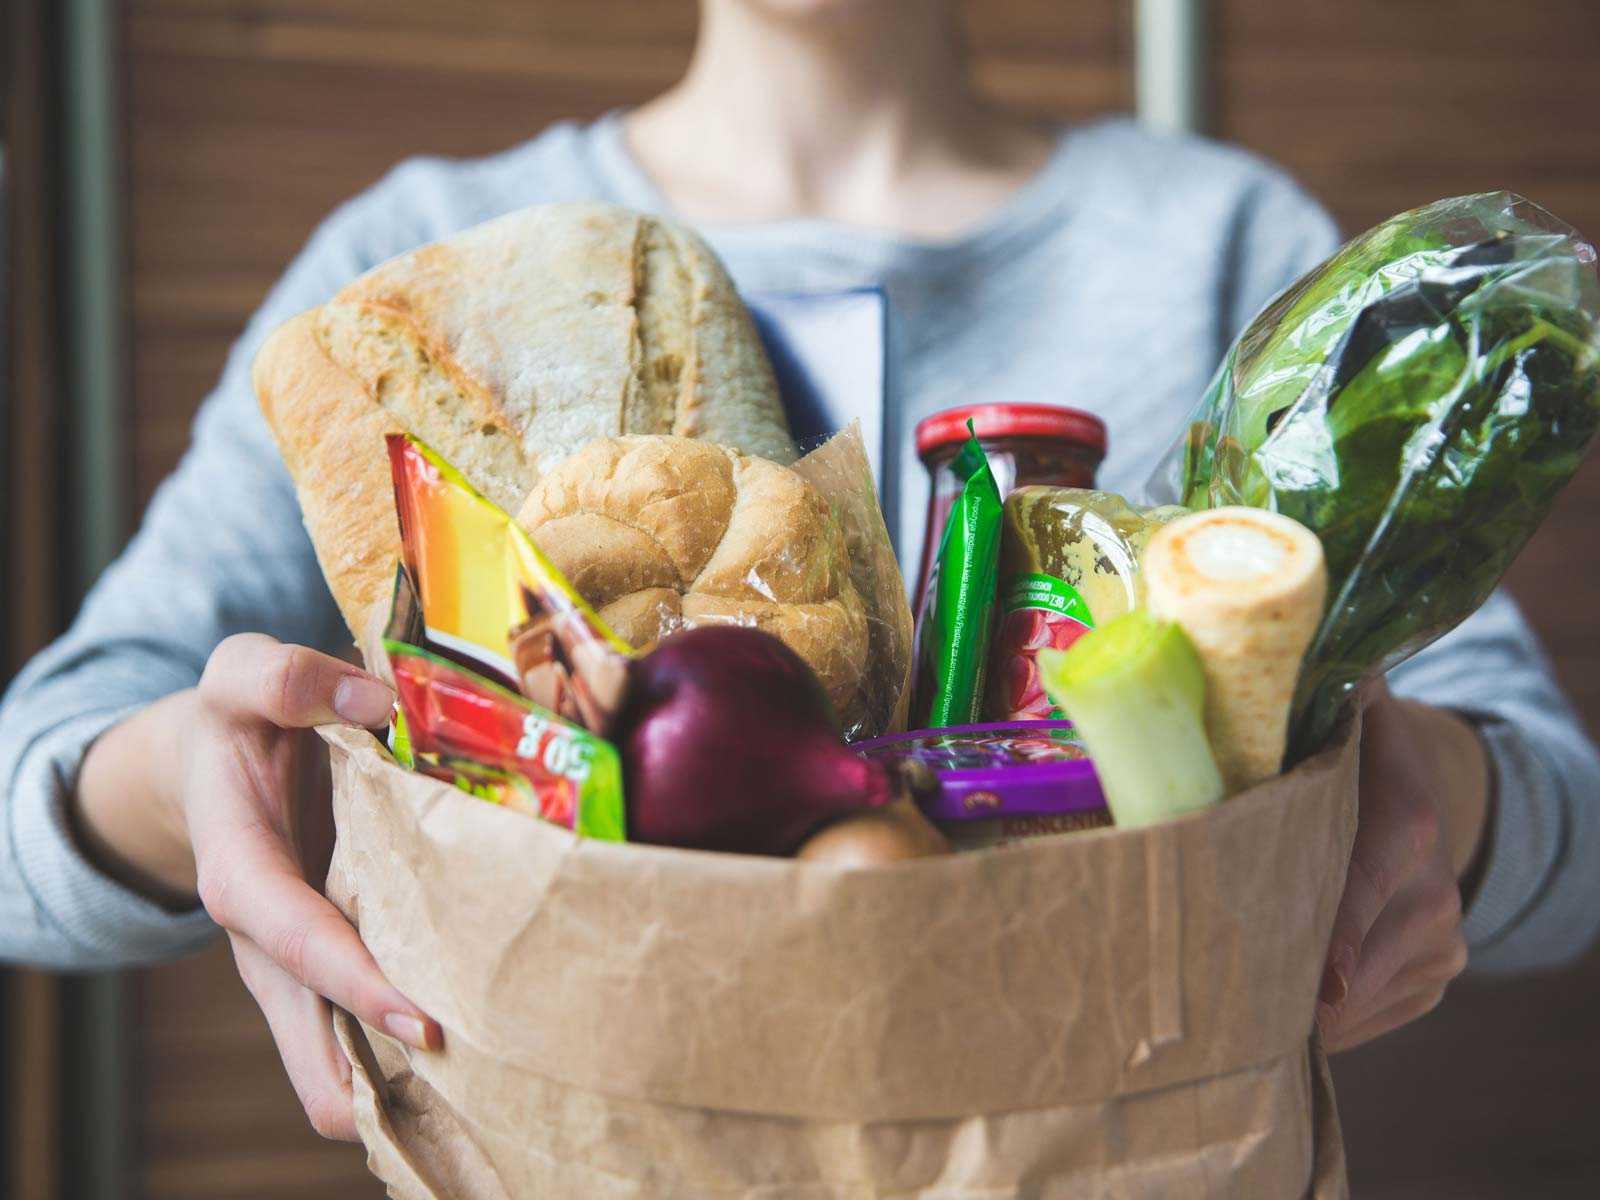 Najbolje usluge dostave namirnica u Moskvi 2020. godine